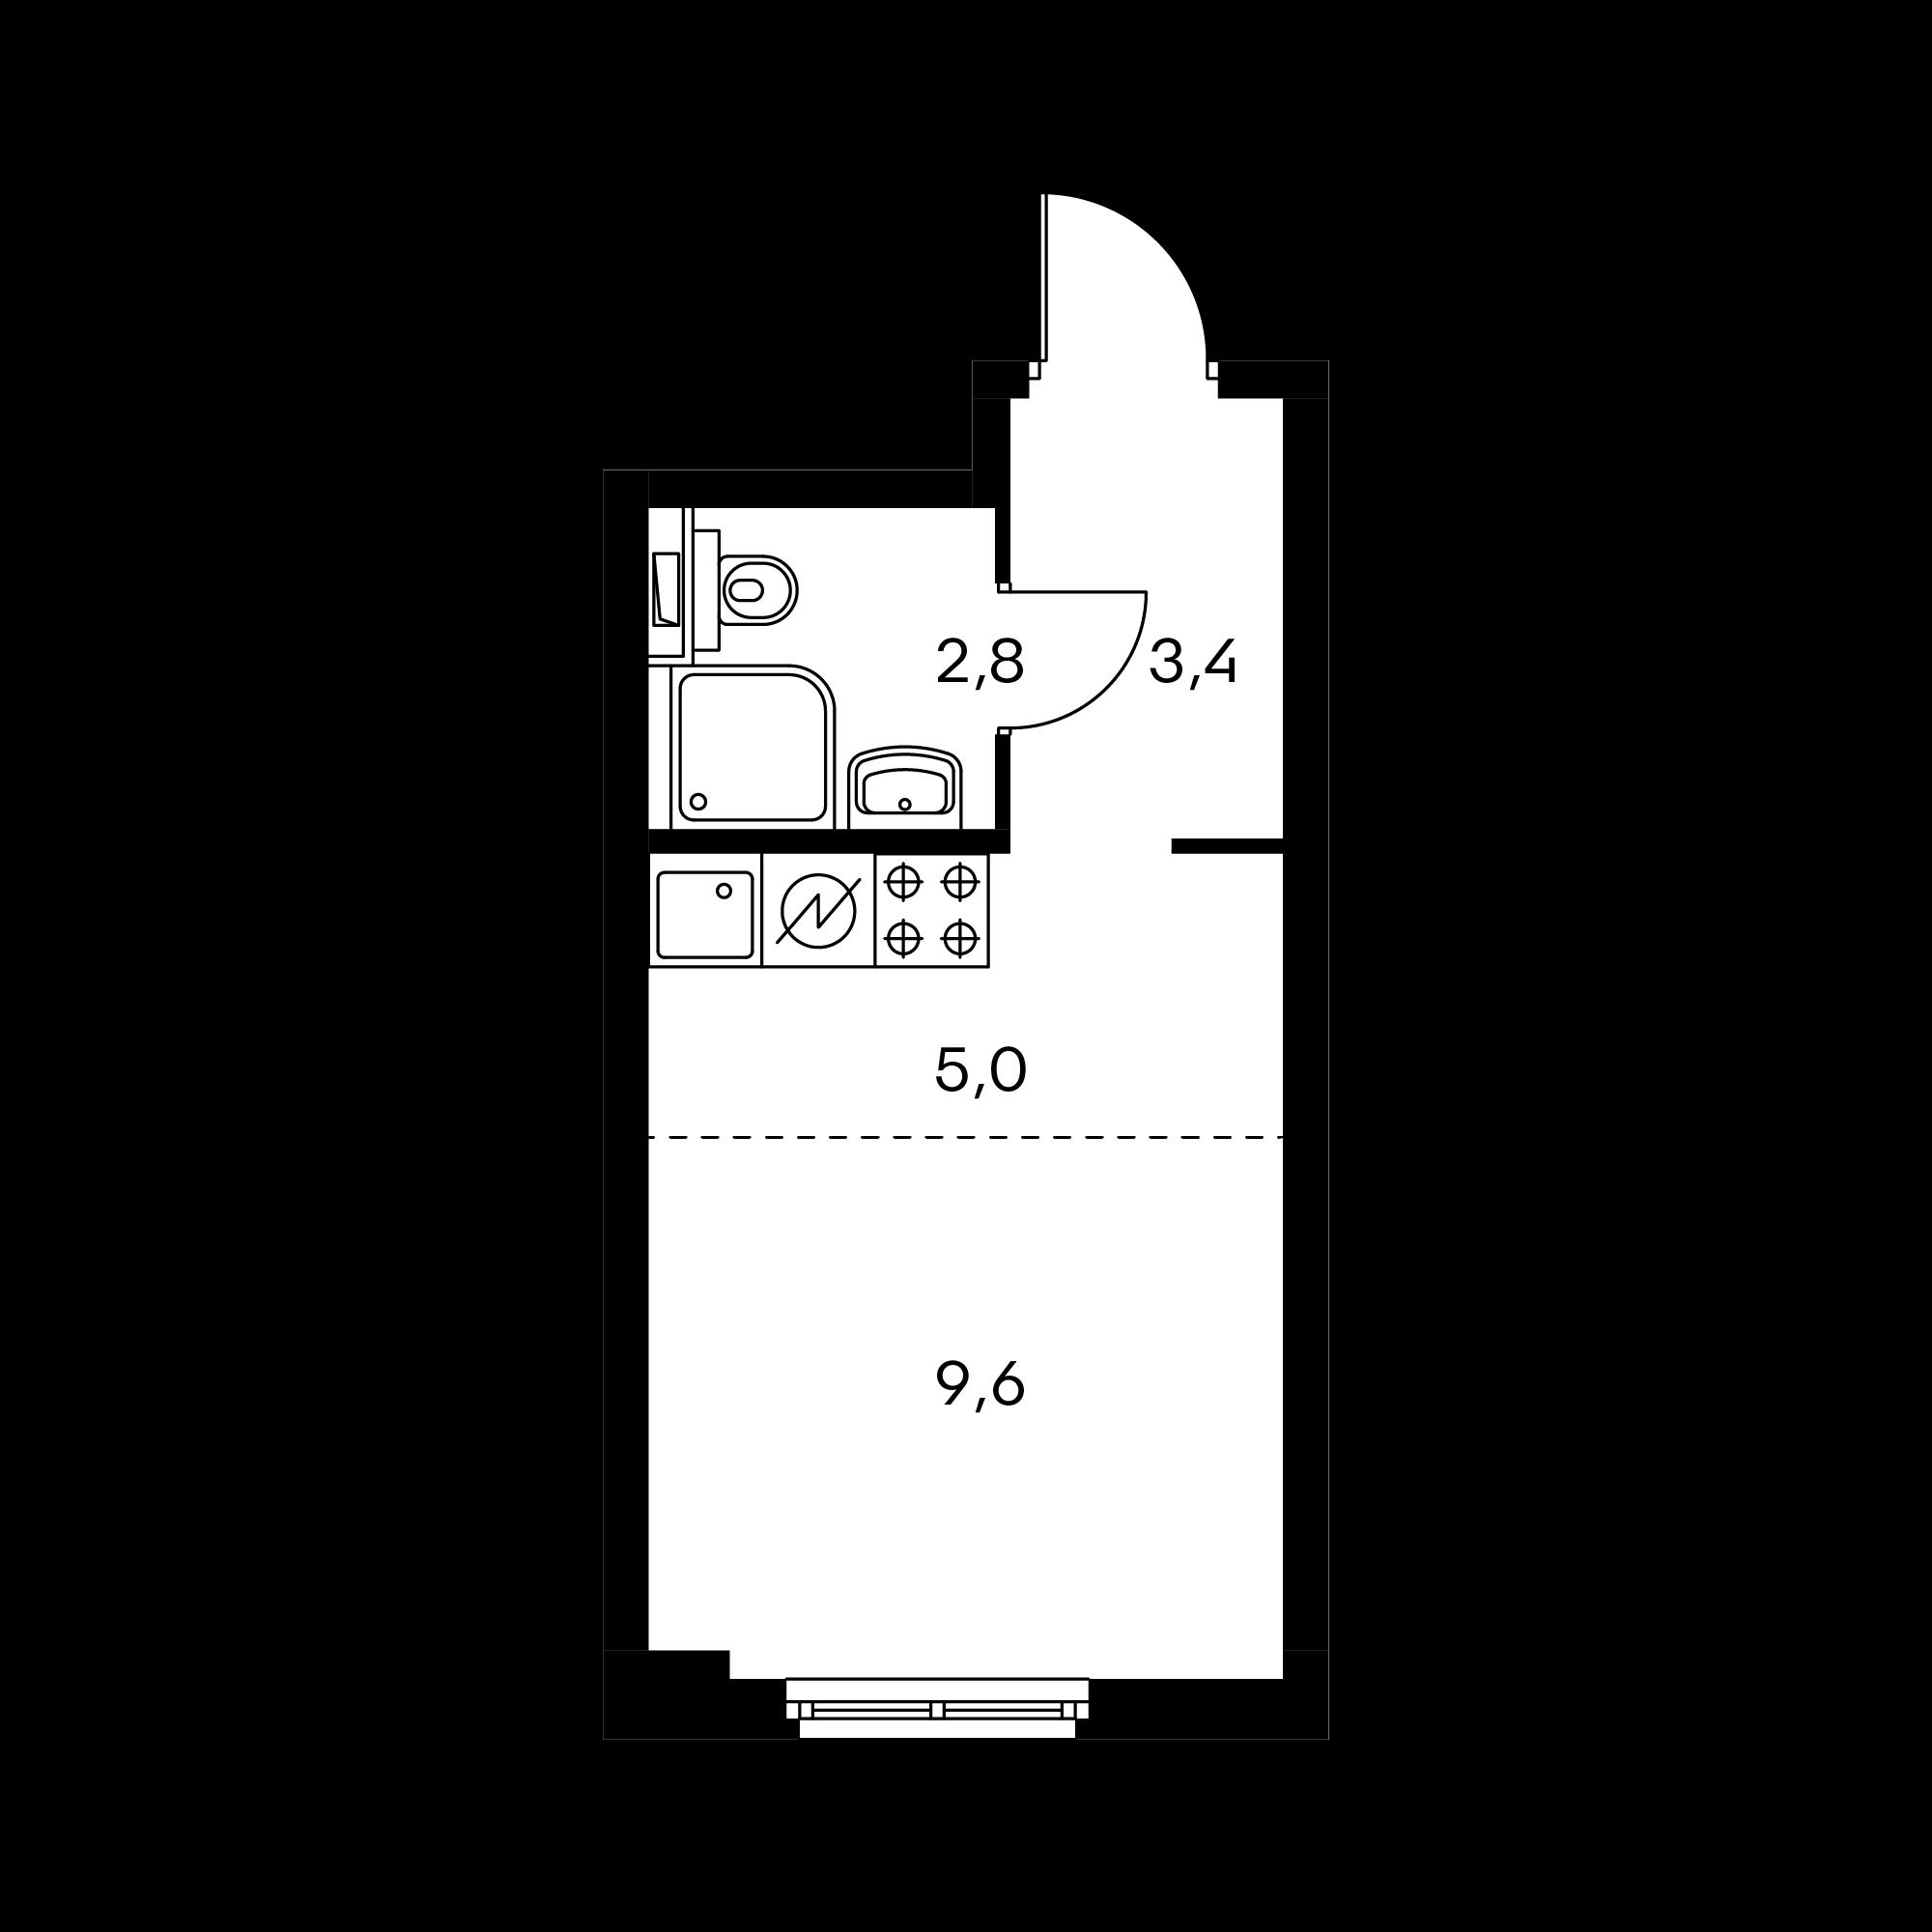 1NS1_3.6-1SA